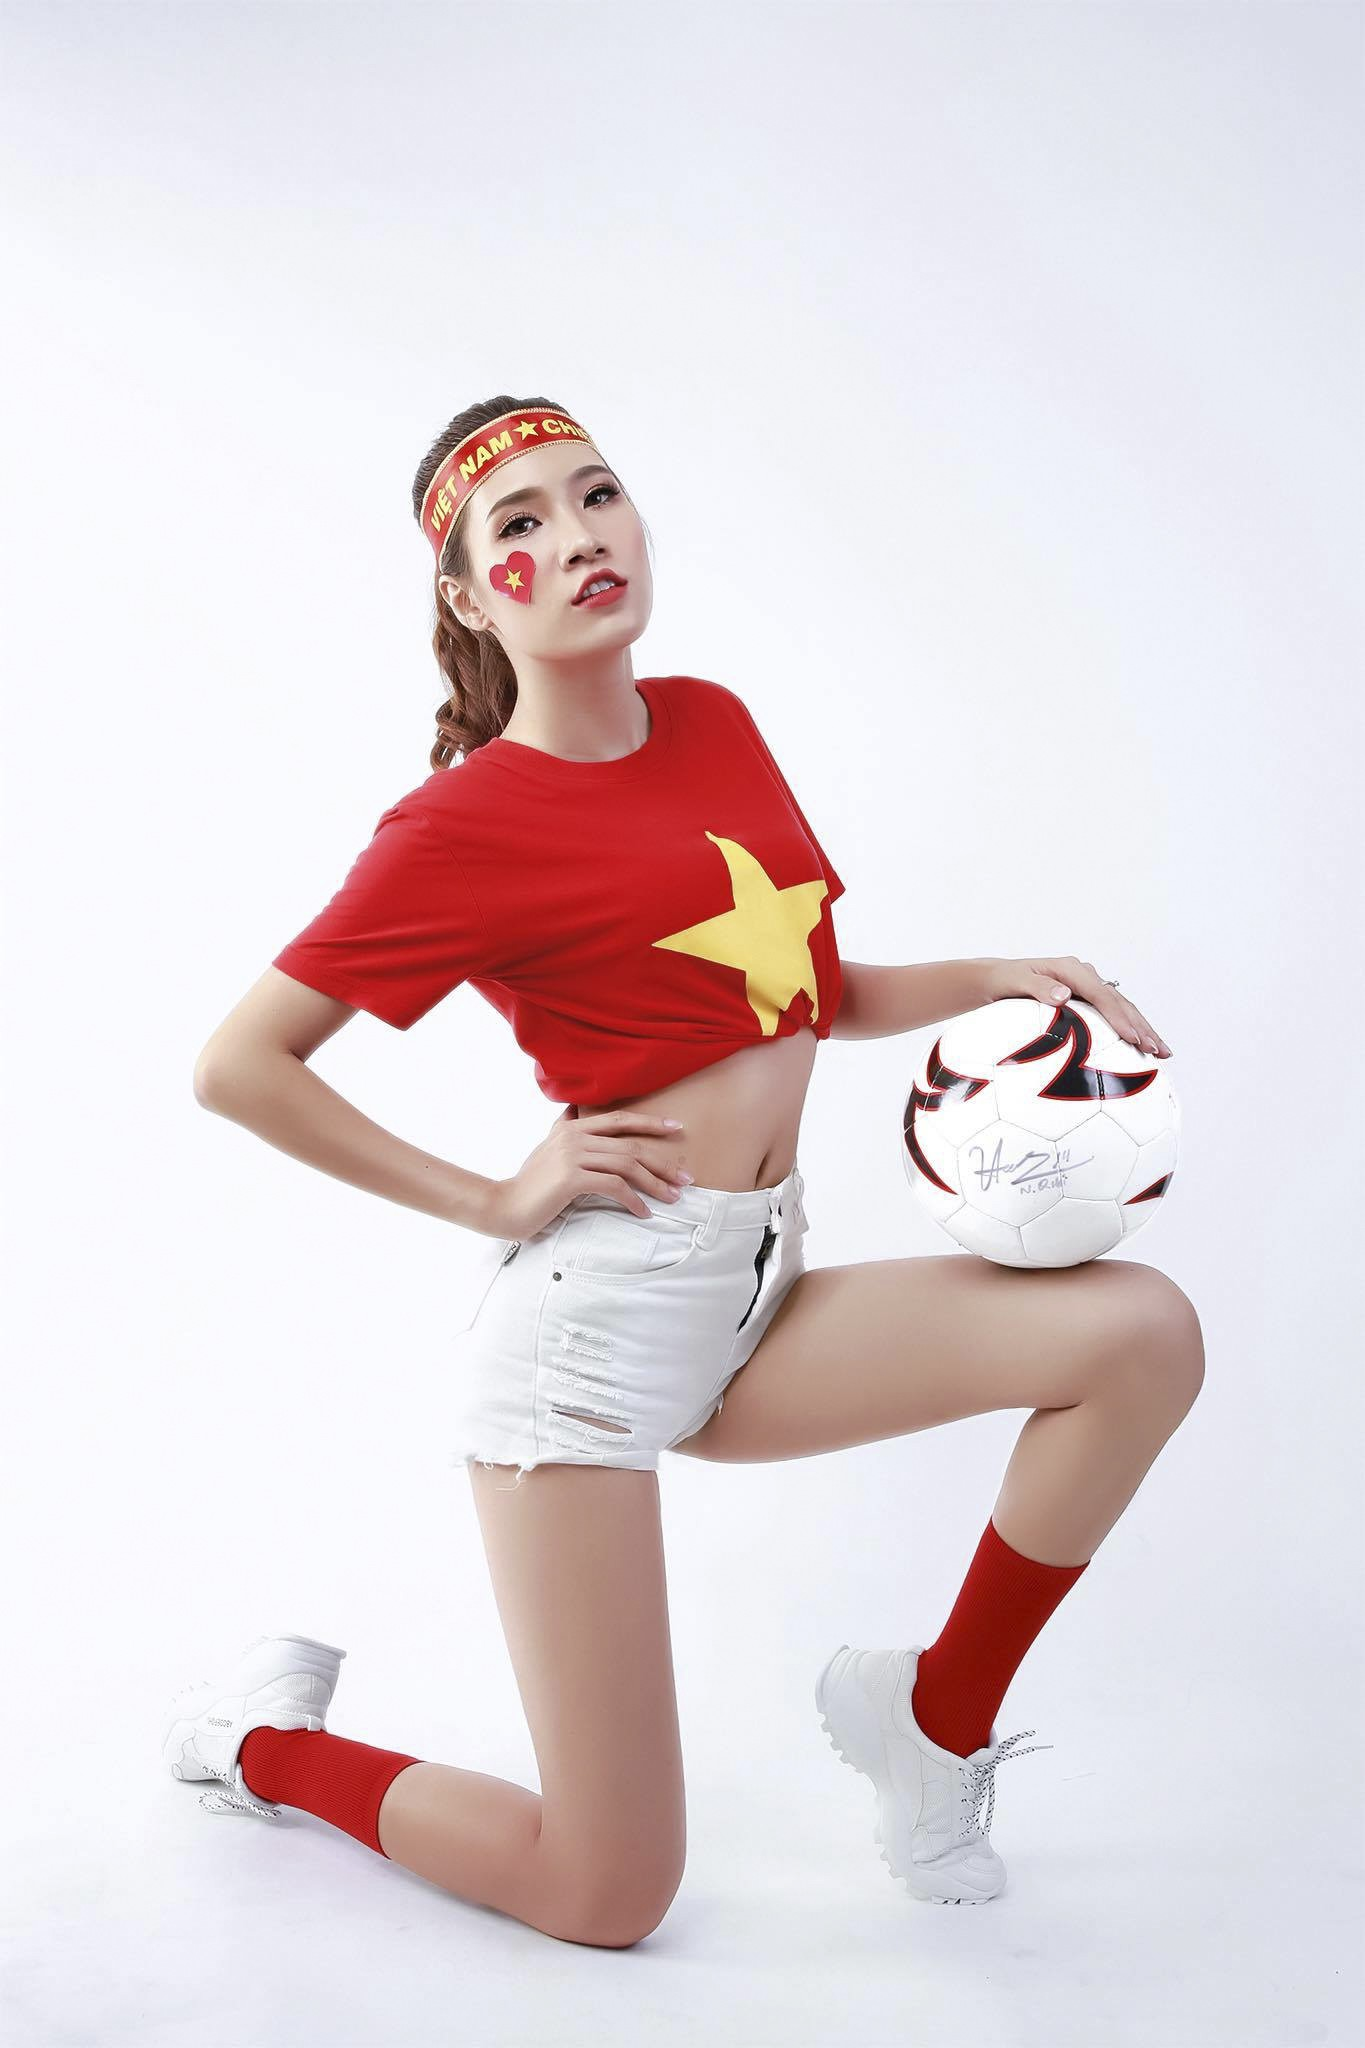 [eMagazine] - Á khôi áo dài nóng bỏng ủng hộ thầy trò Quang Hải - Ảnh 5.